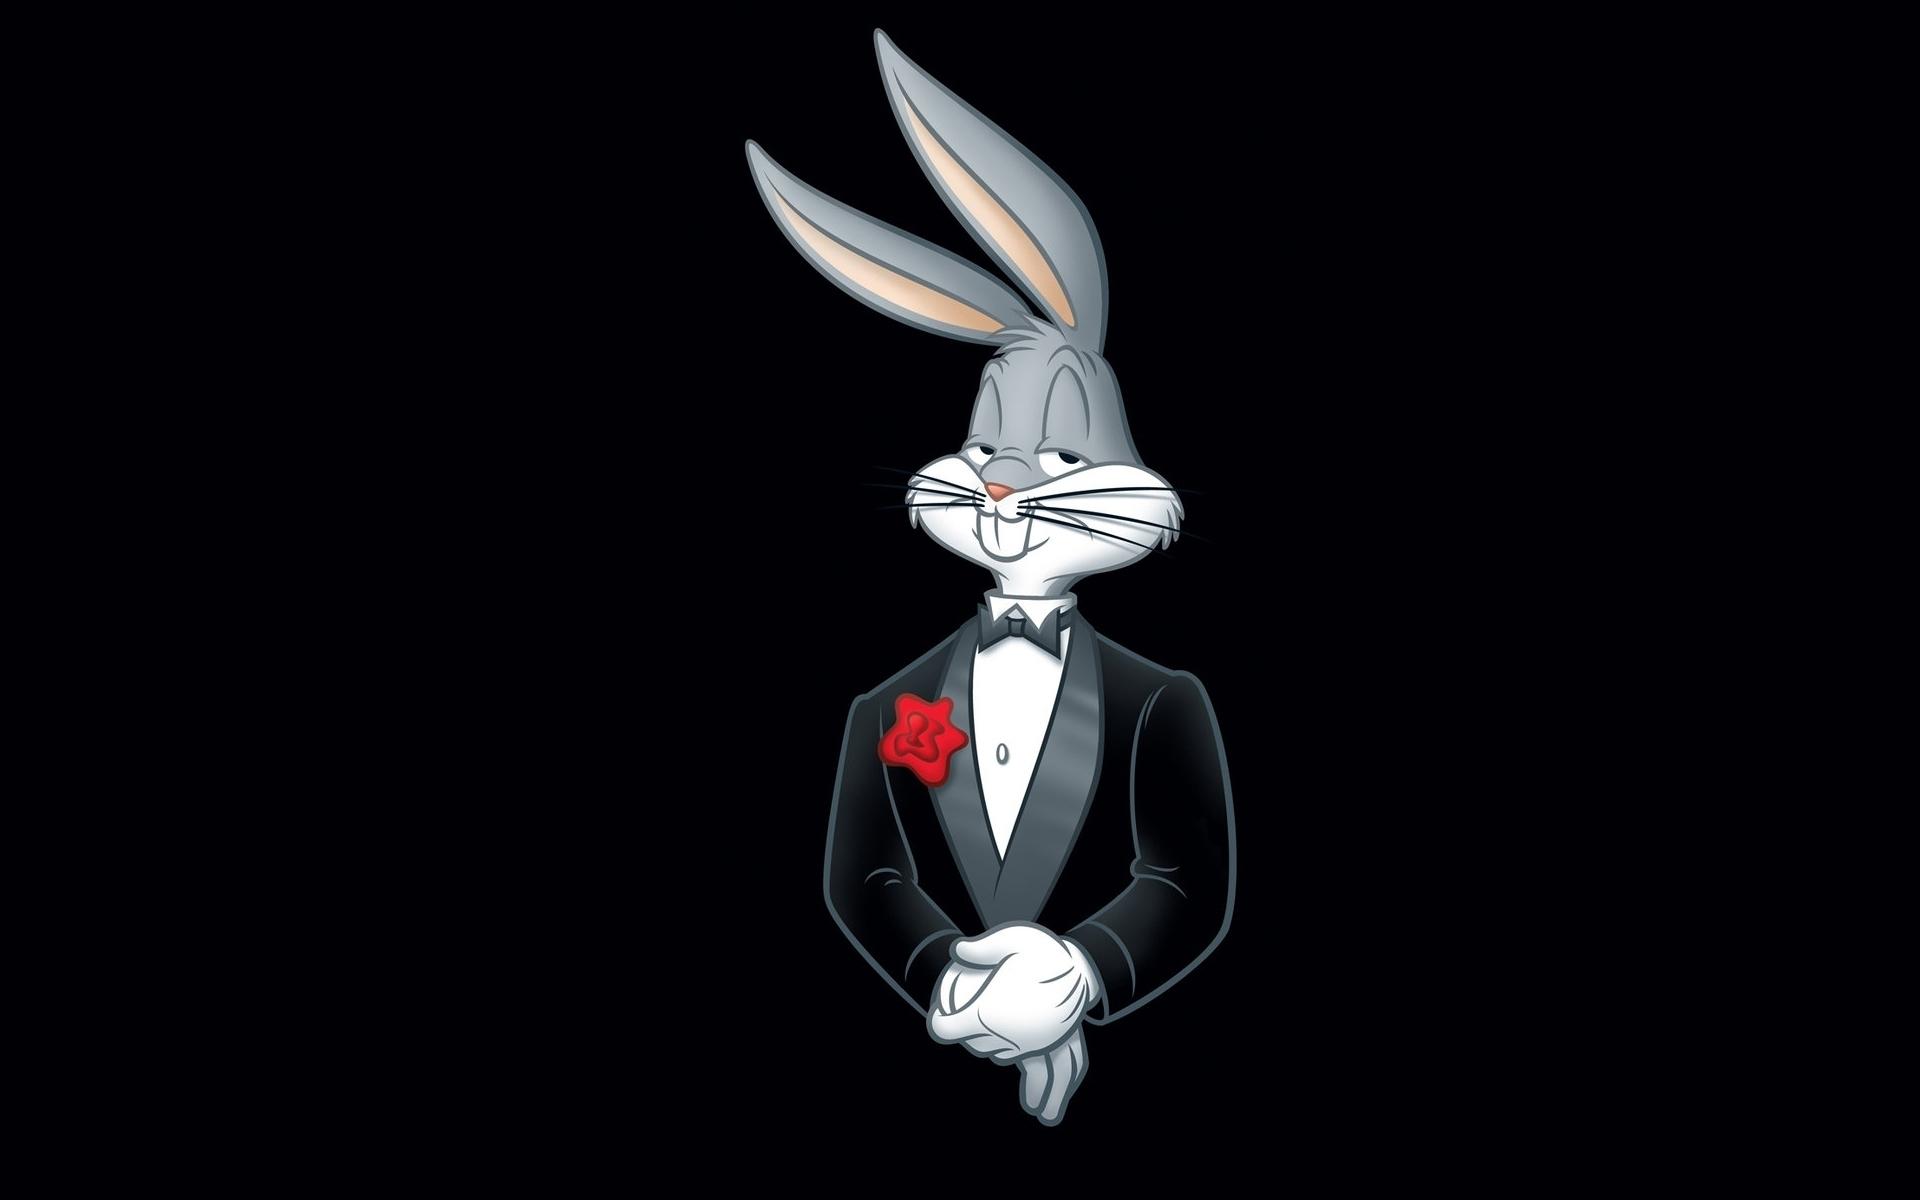 bugs bunny gangsta hd wallpapers 26137 - baltana